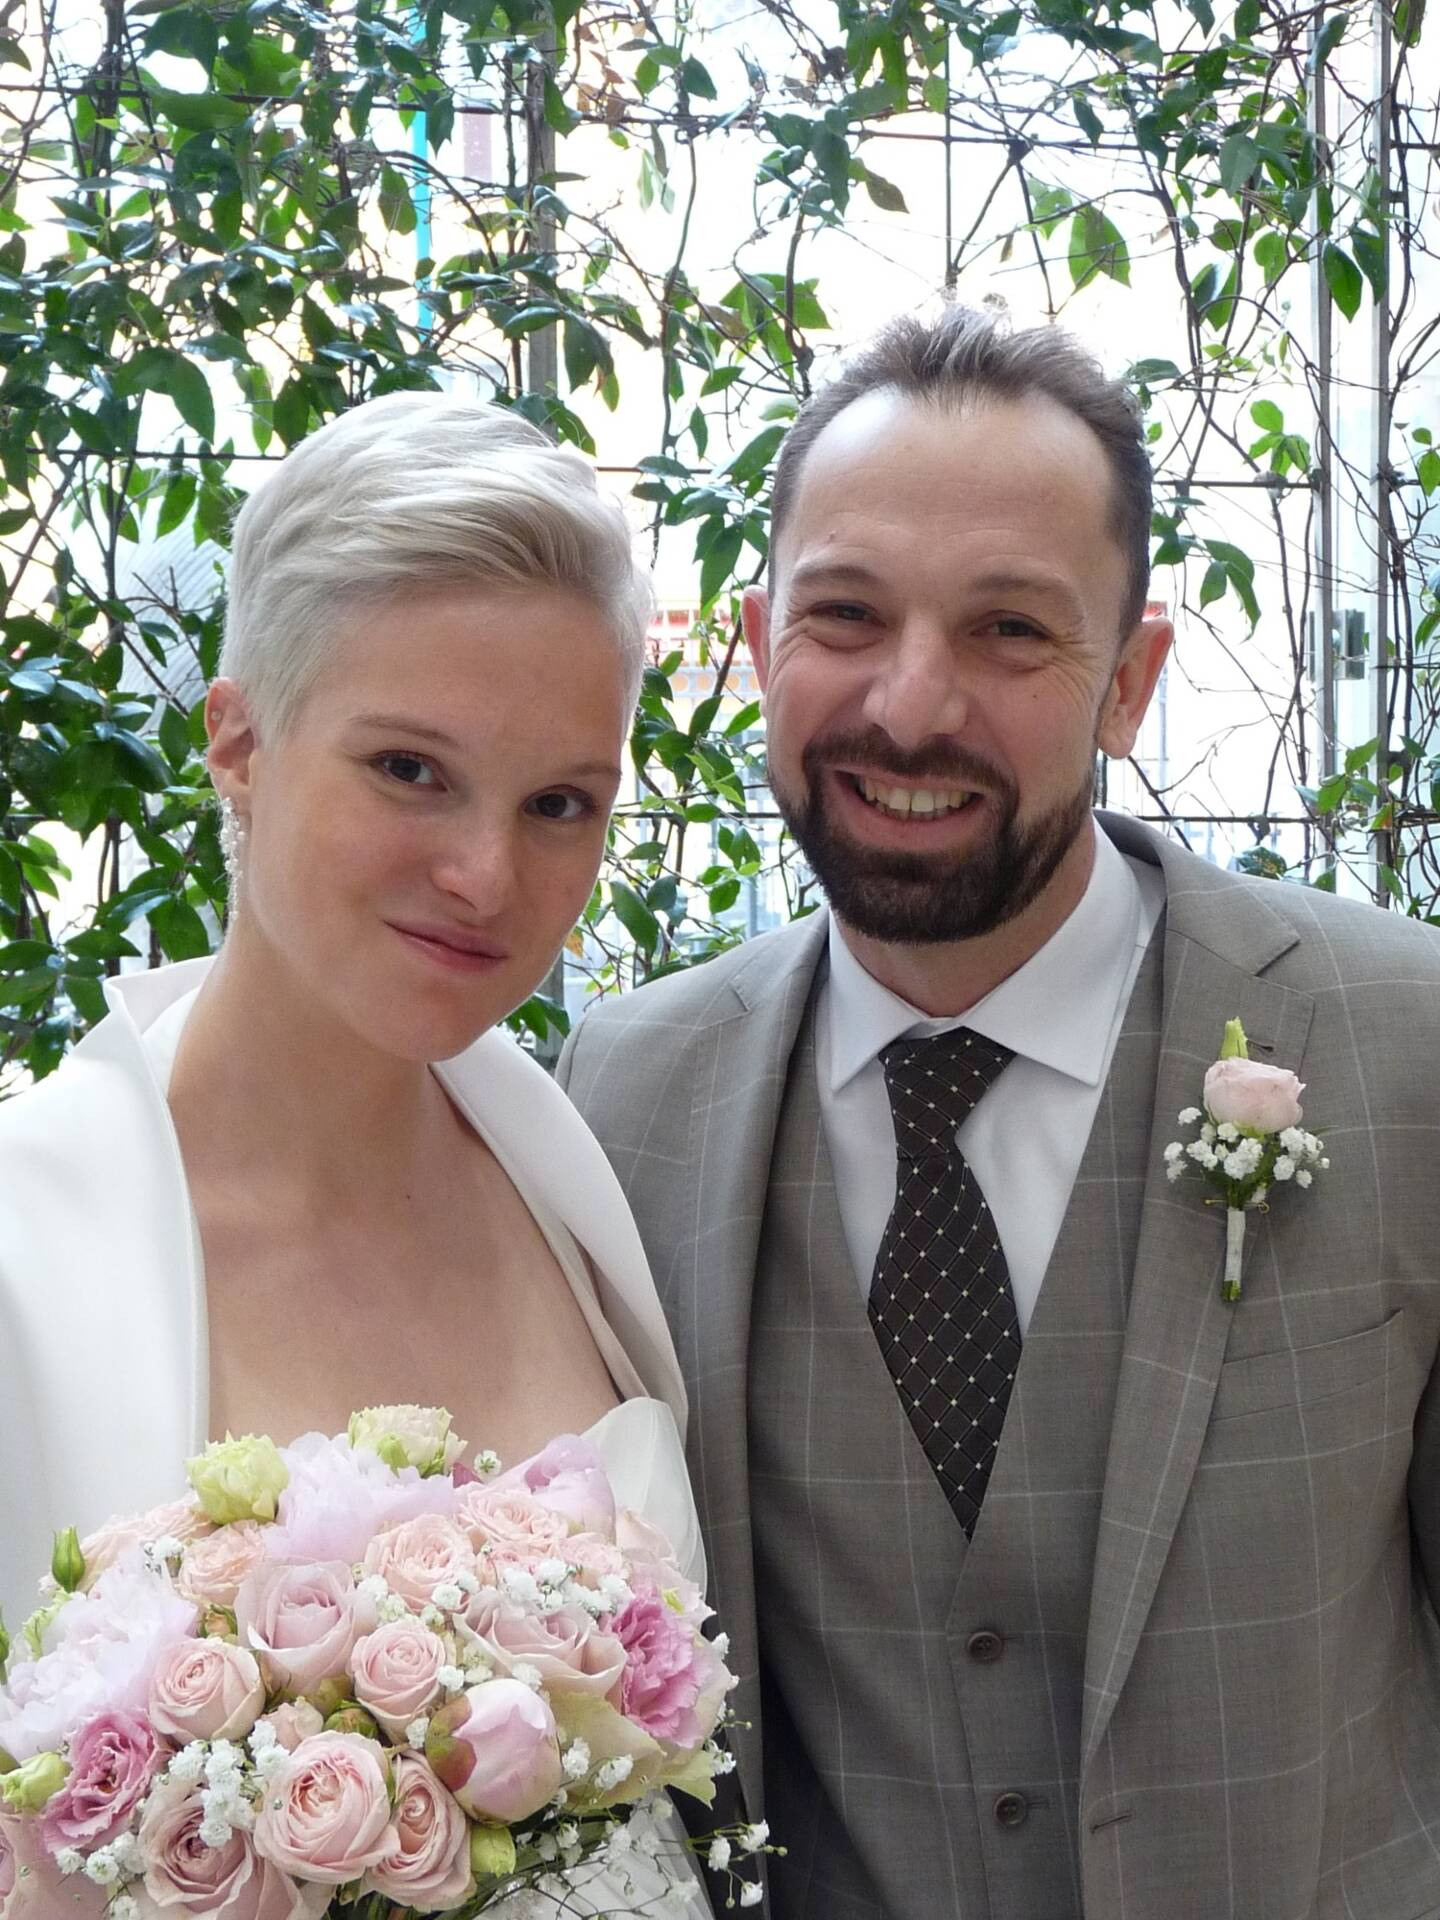 Claire Soyer, éducatrice sportive, et Stéphane Fazincani, responsable d'un complexe sportif.